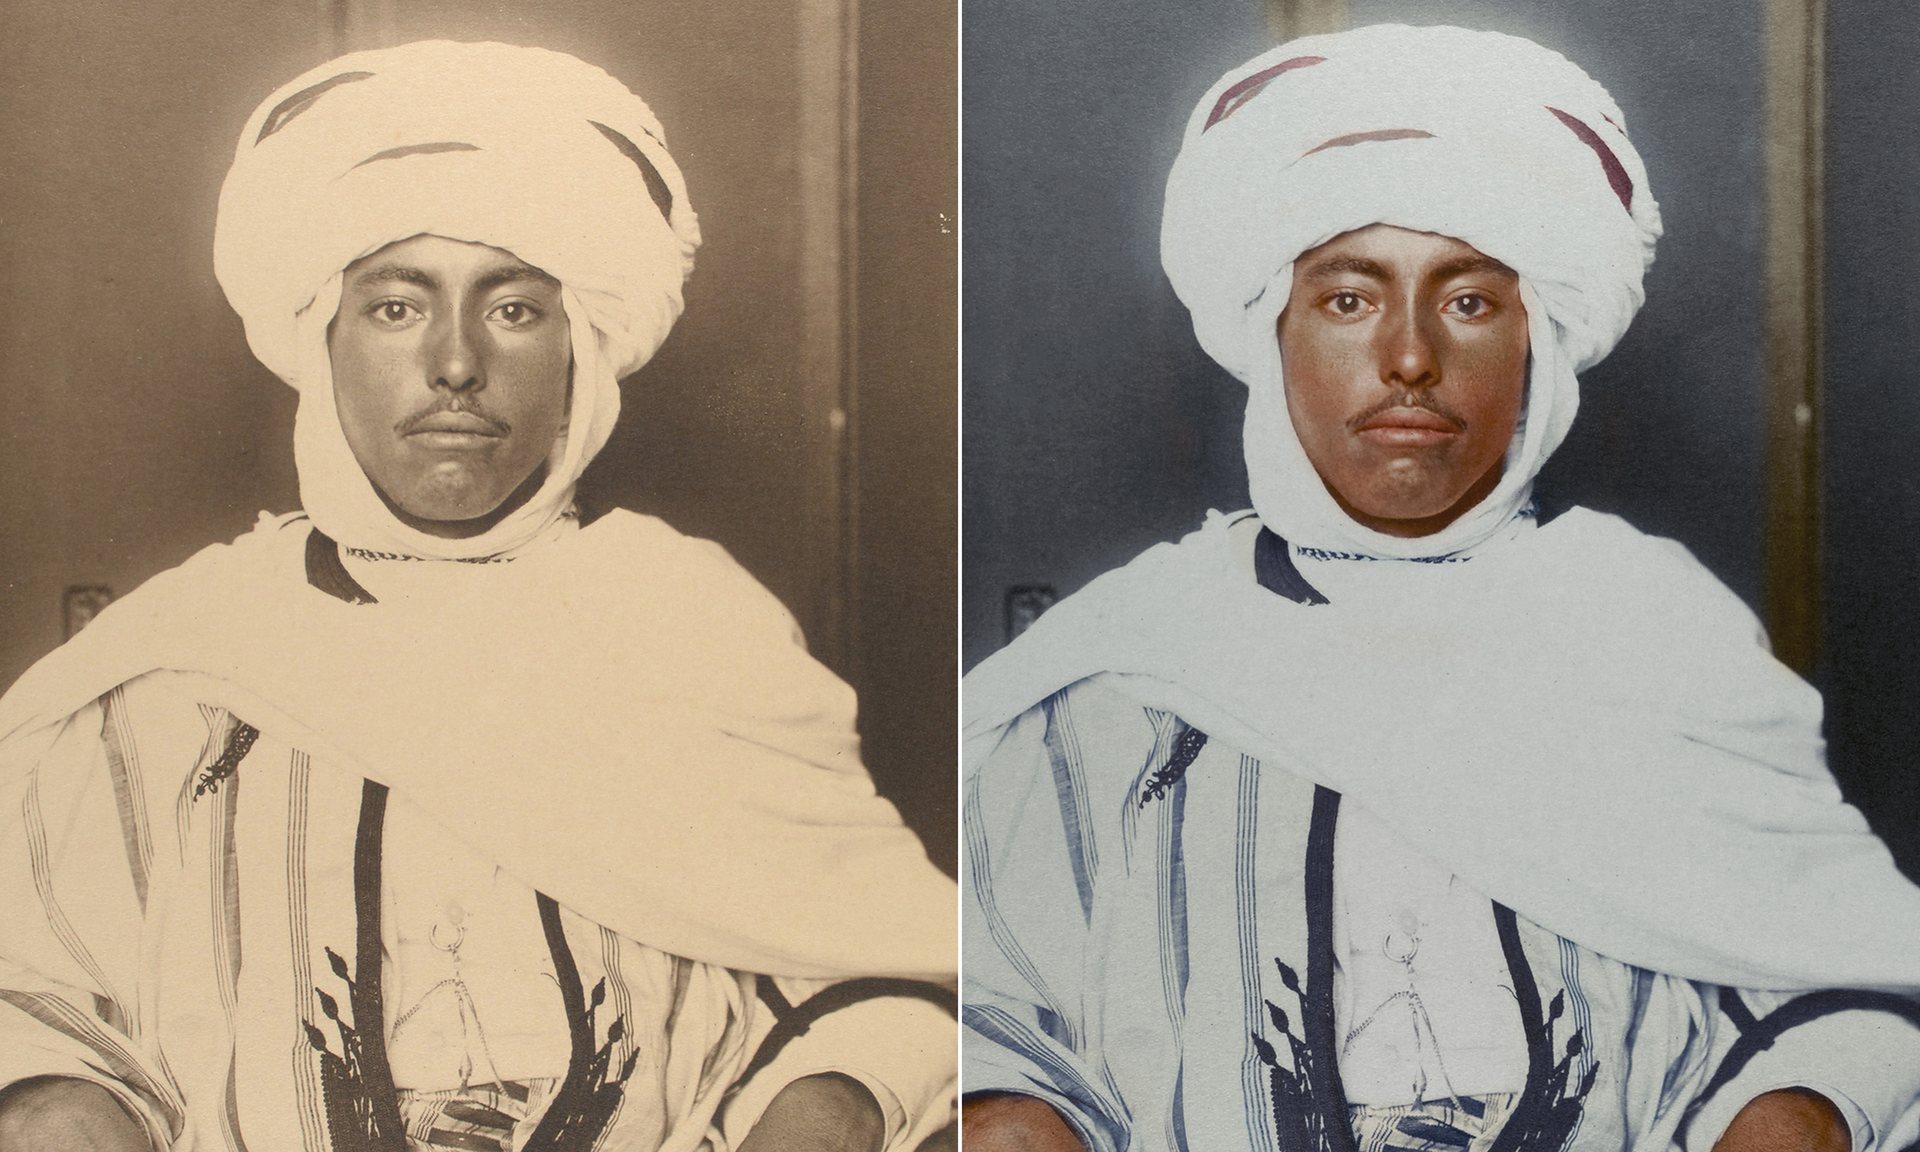 Un argelino alrededor de 1910 con una túnica caftán y un Kufiya, que es un cuadrado de tela doblada en forma de triángulo y se mantiene en la cabeza por una diadema de pelo de camello